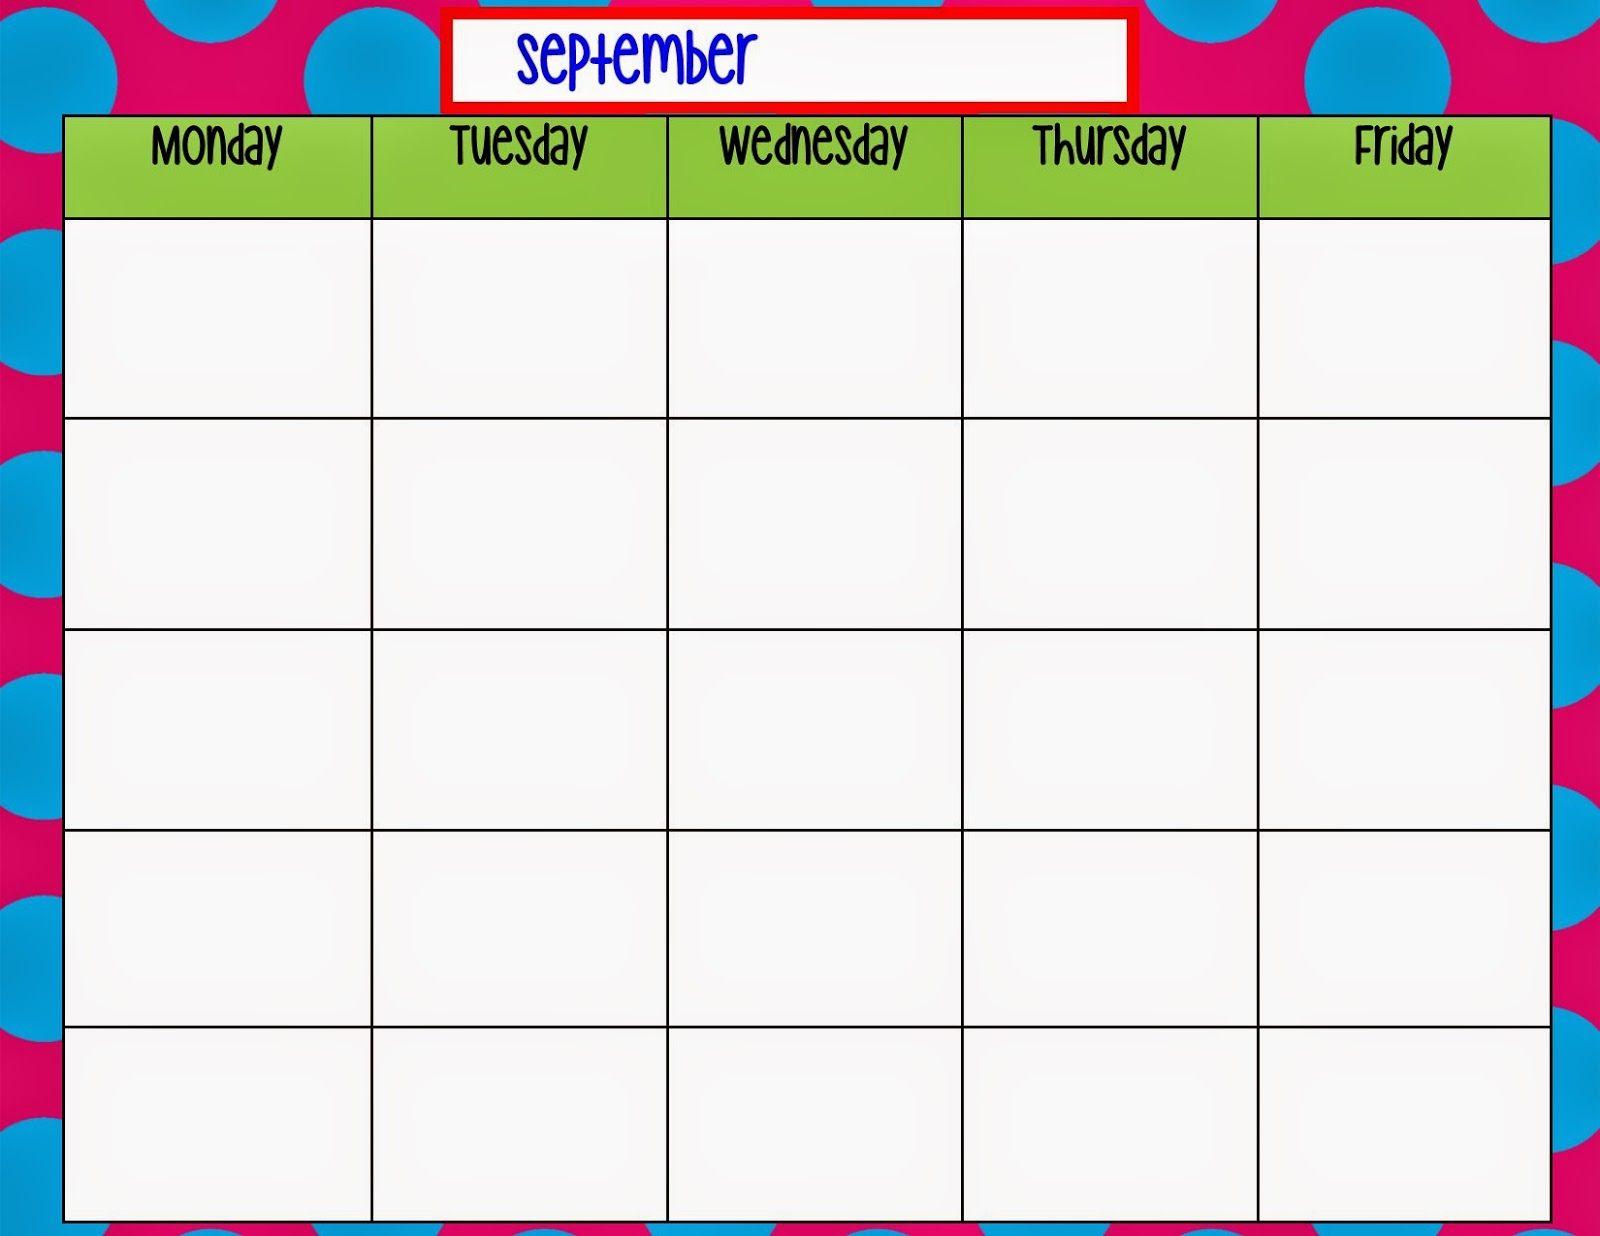 Monday Through Friday Calendar Template | Preschool | Weekly inside Blank Calendar Template Monday Friday